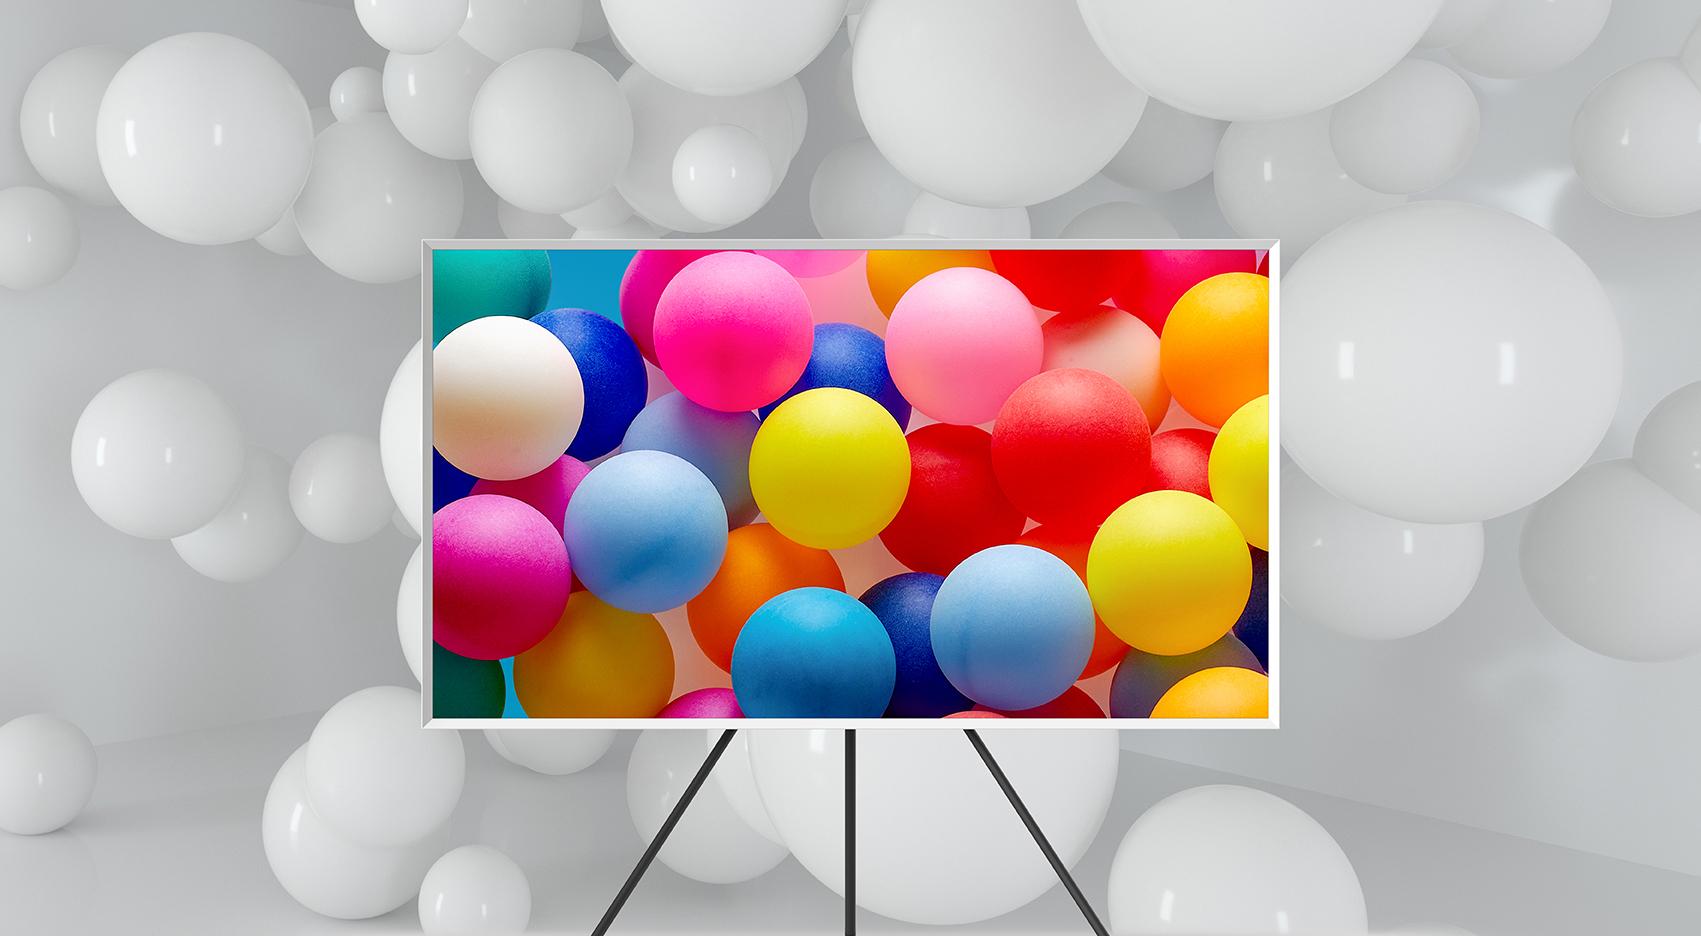 Smart TV 2021